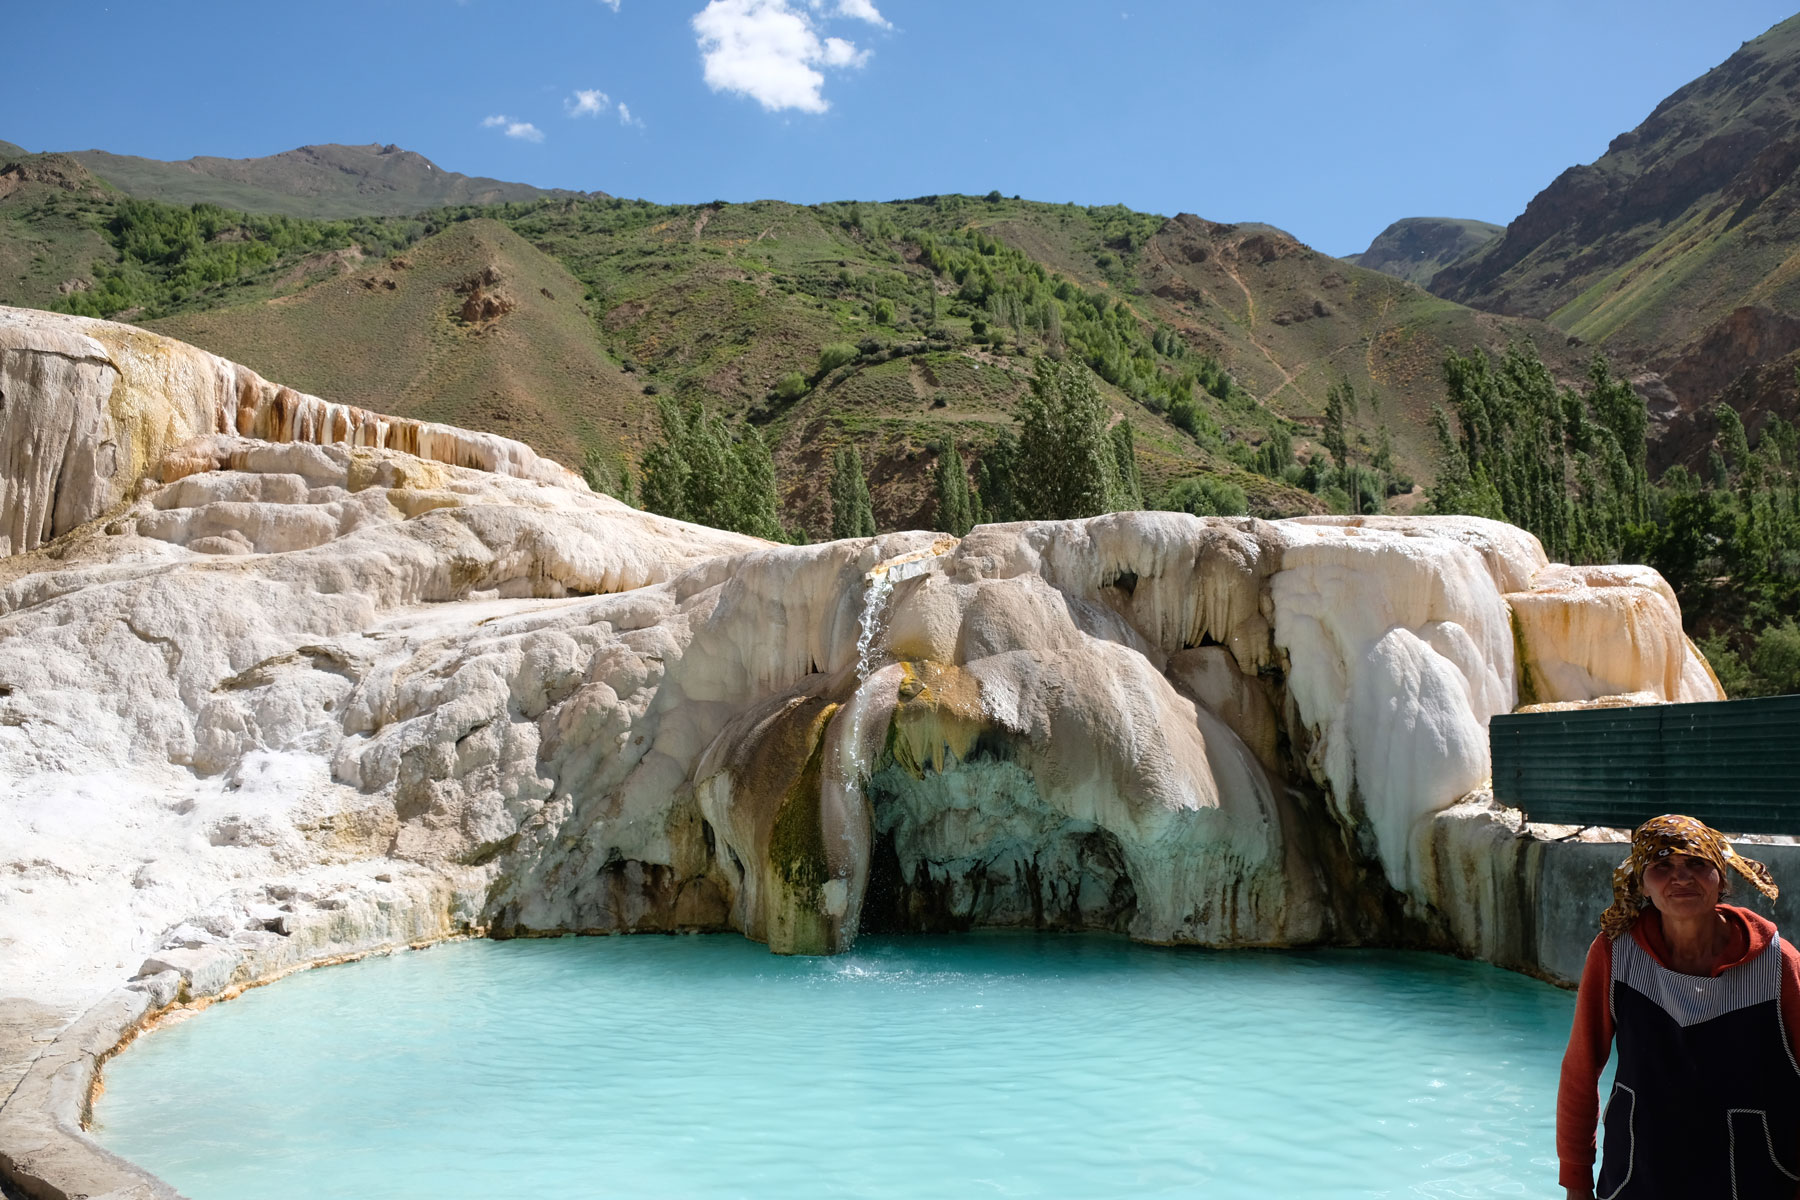 Schwimmbecken in den heißen Quellen von Garm Chashma.